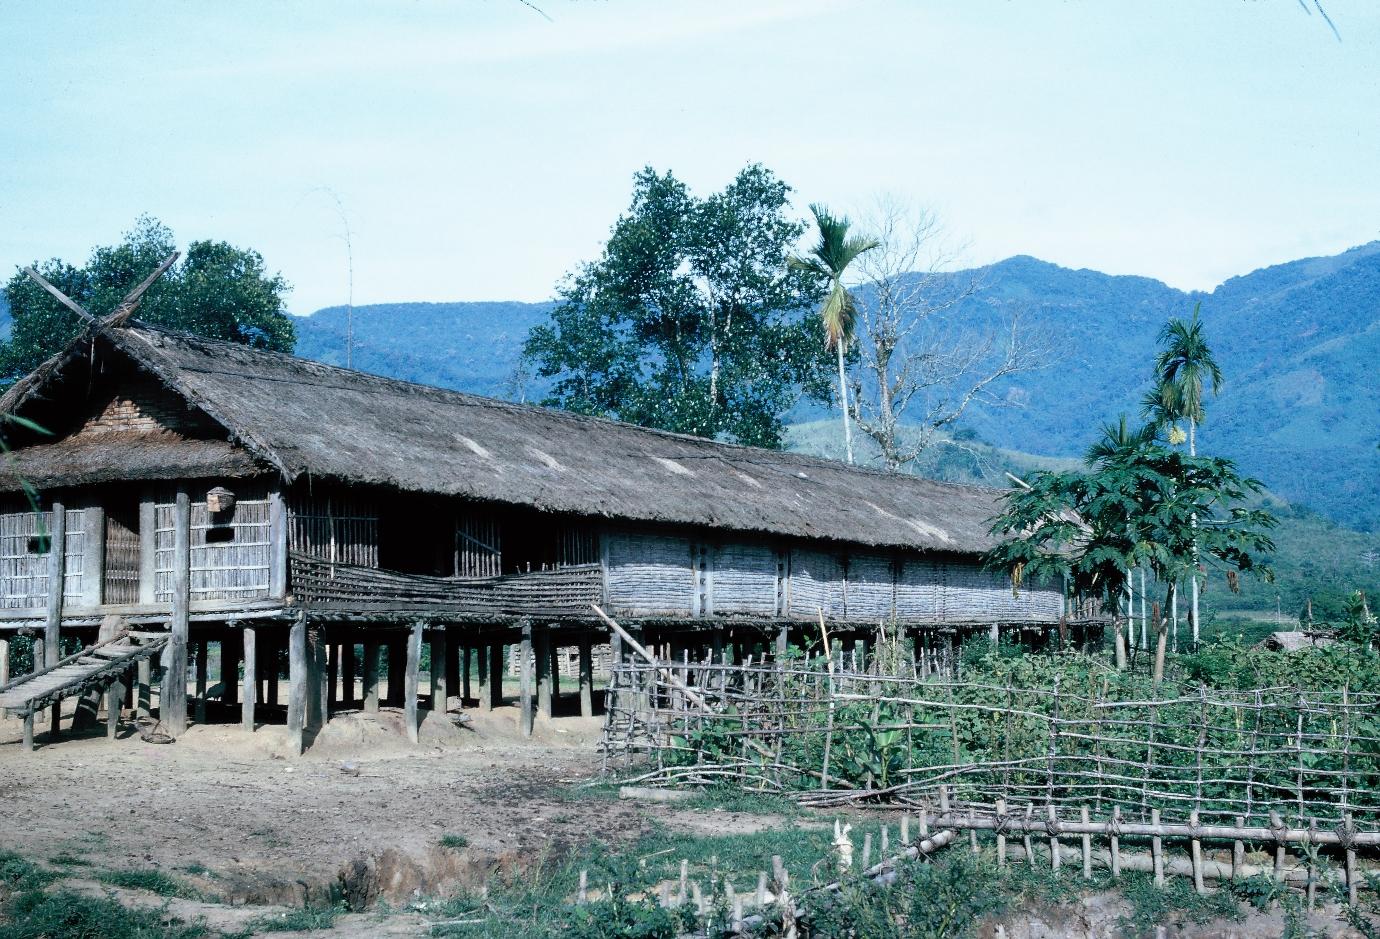 Nhà sàn Ba Na, 1964 (Ảnh tư liệu của BT Đắk Lắk)